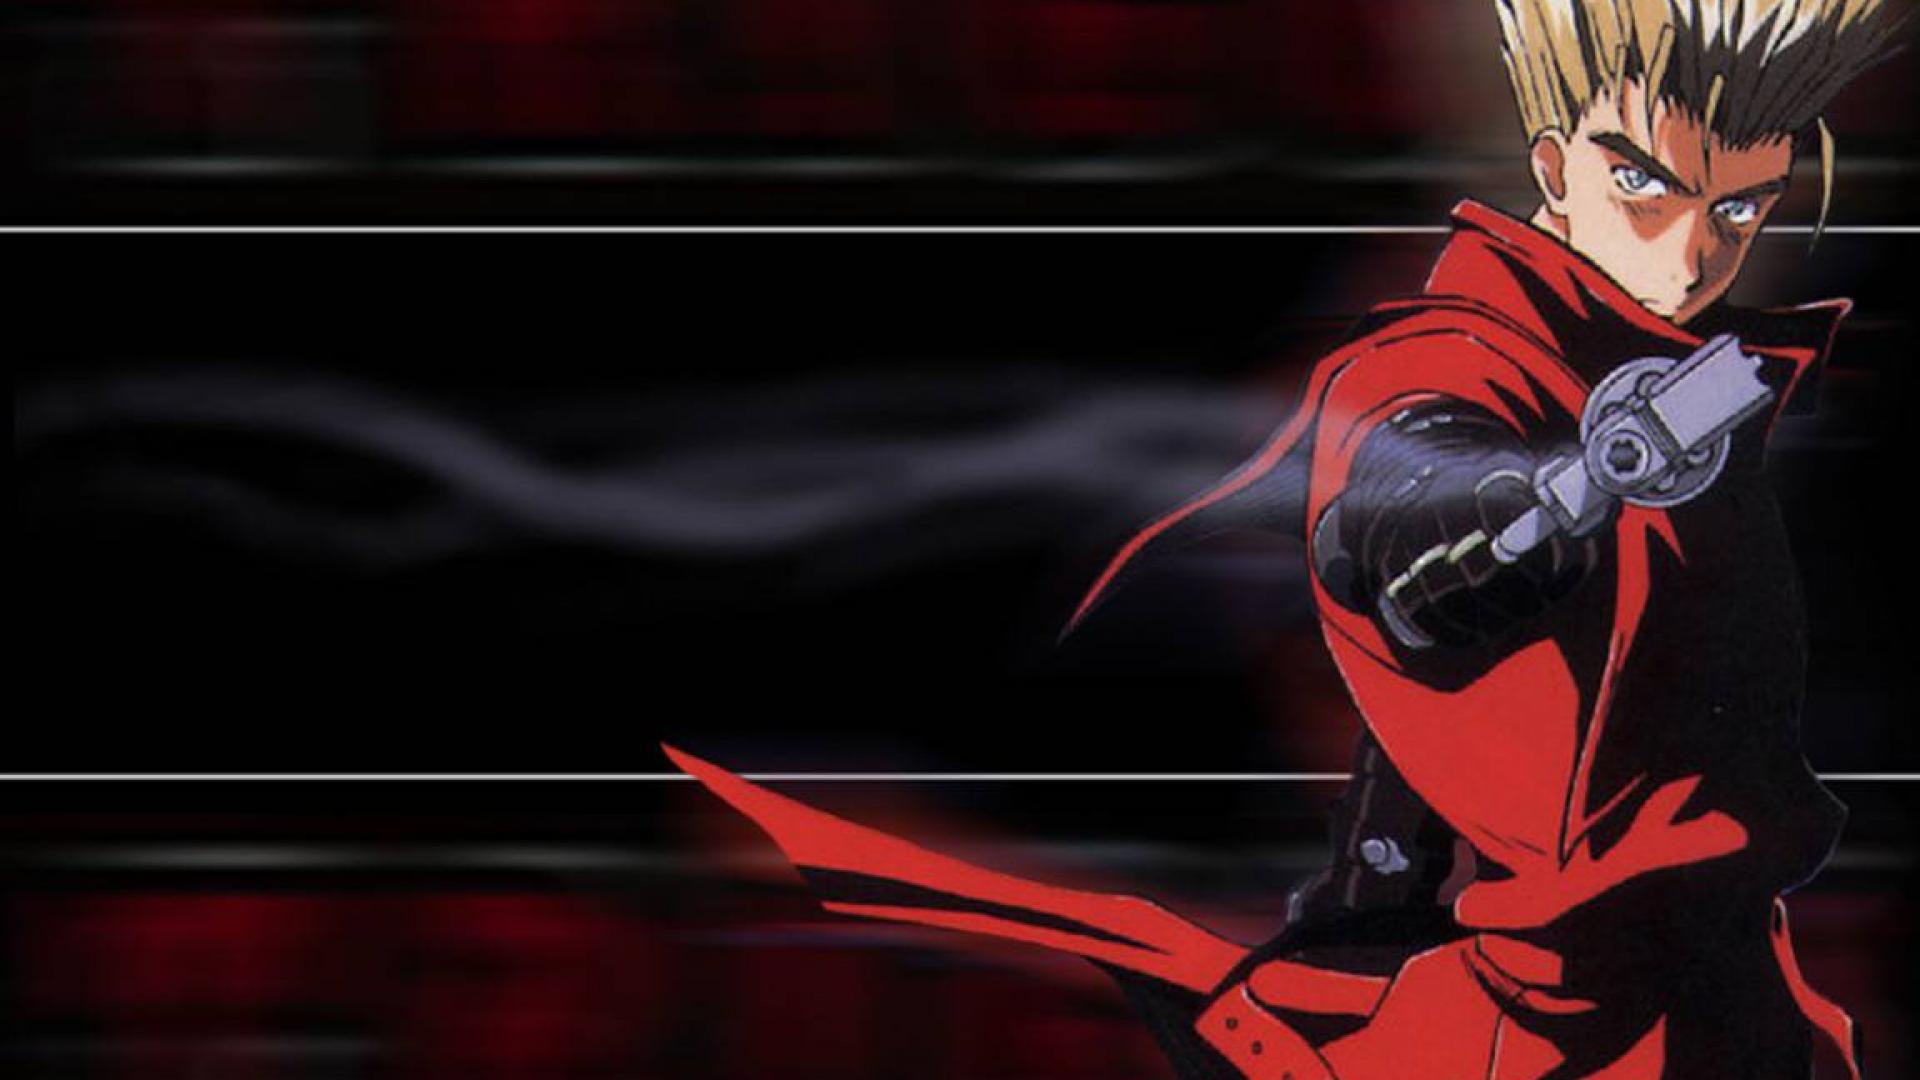 두번째로 찾아본 애니메이션, 트라이건